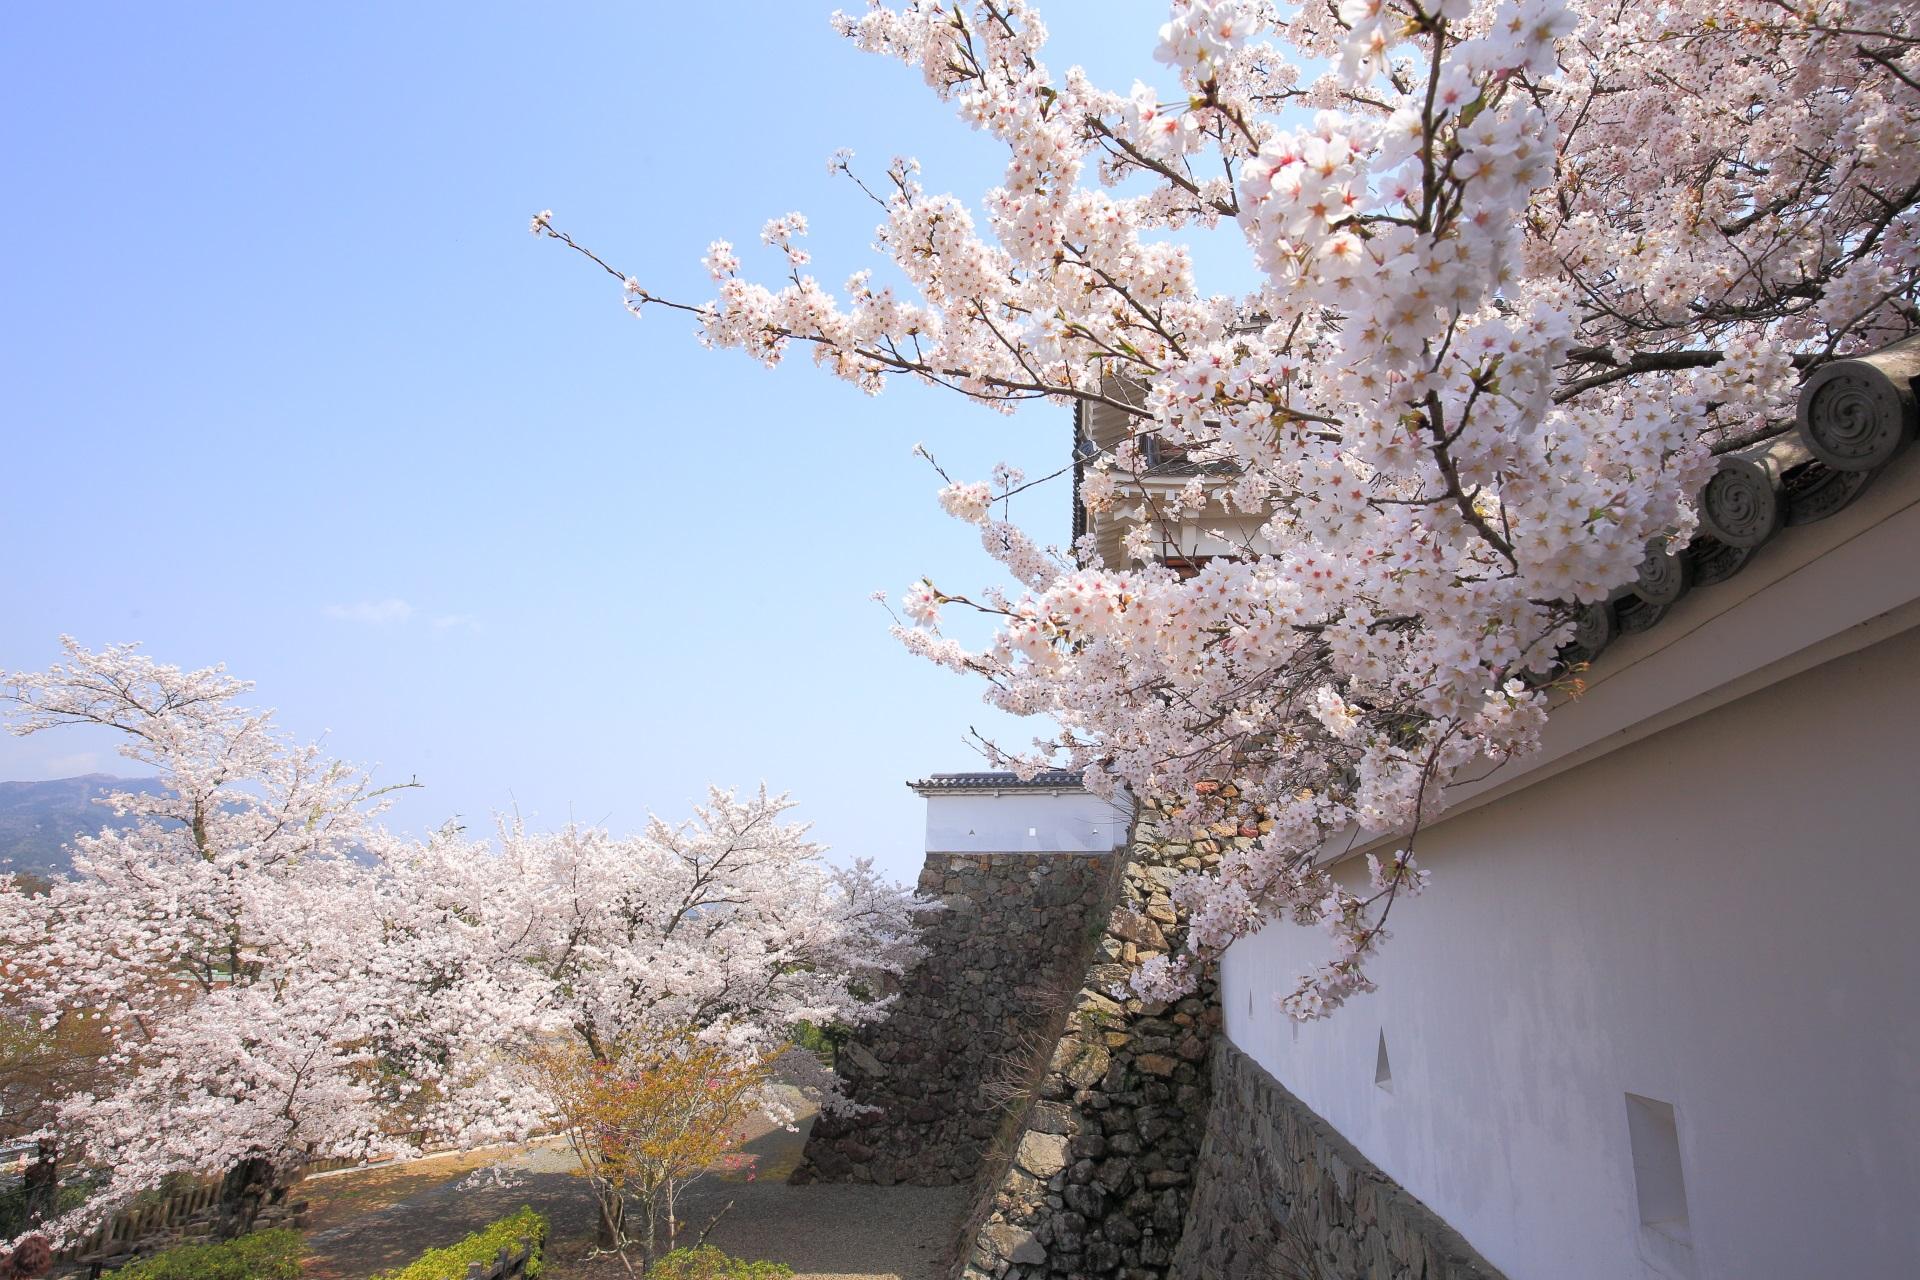 福知山城の城壁を華やぐ桜